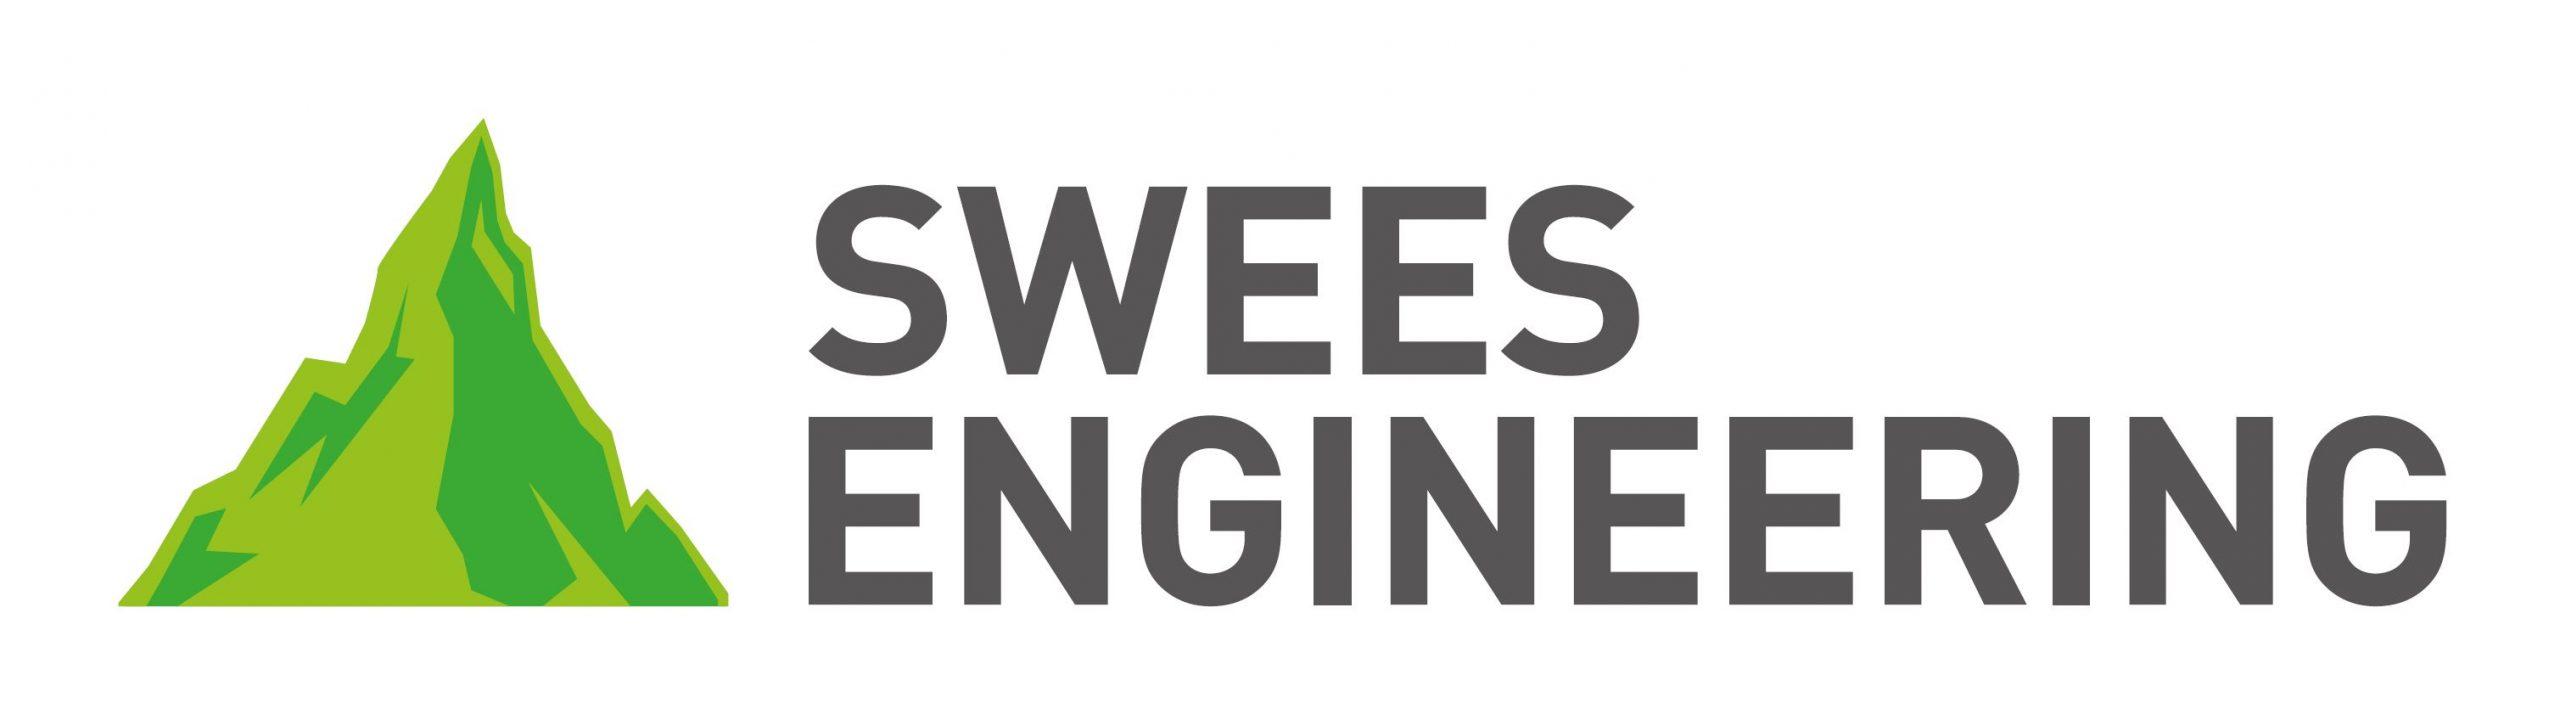 Swee Engineering